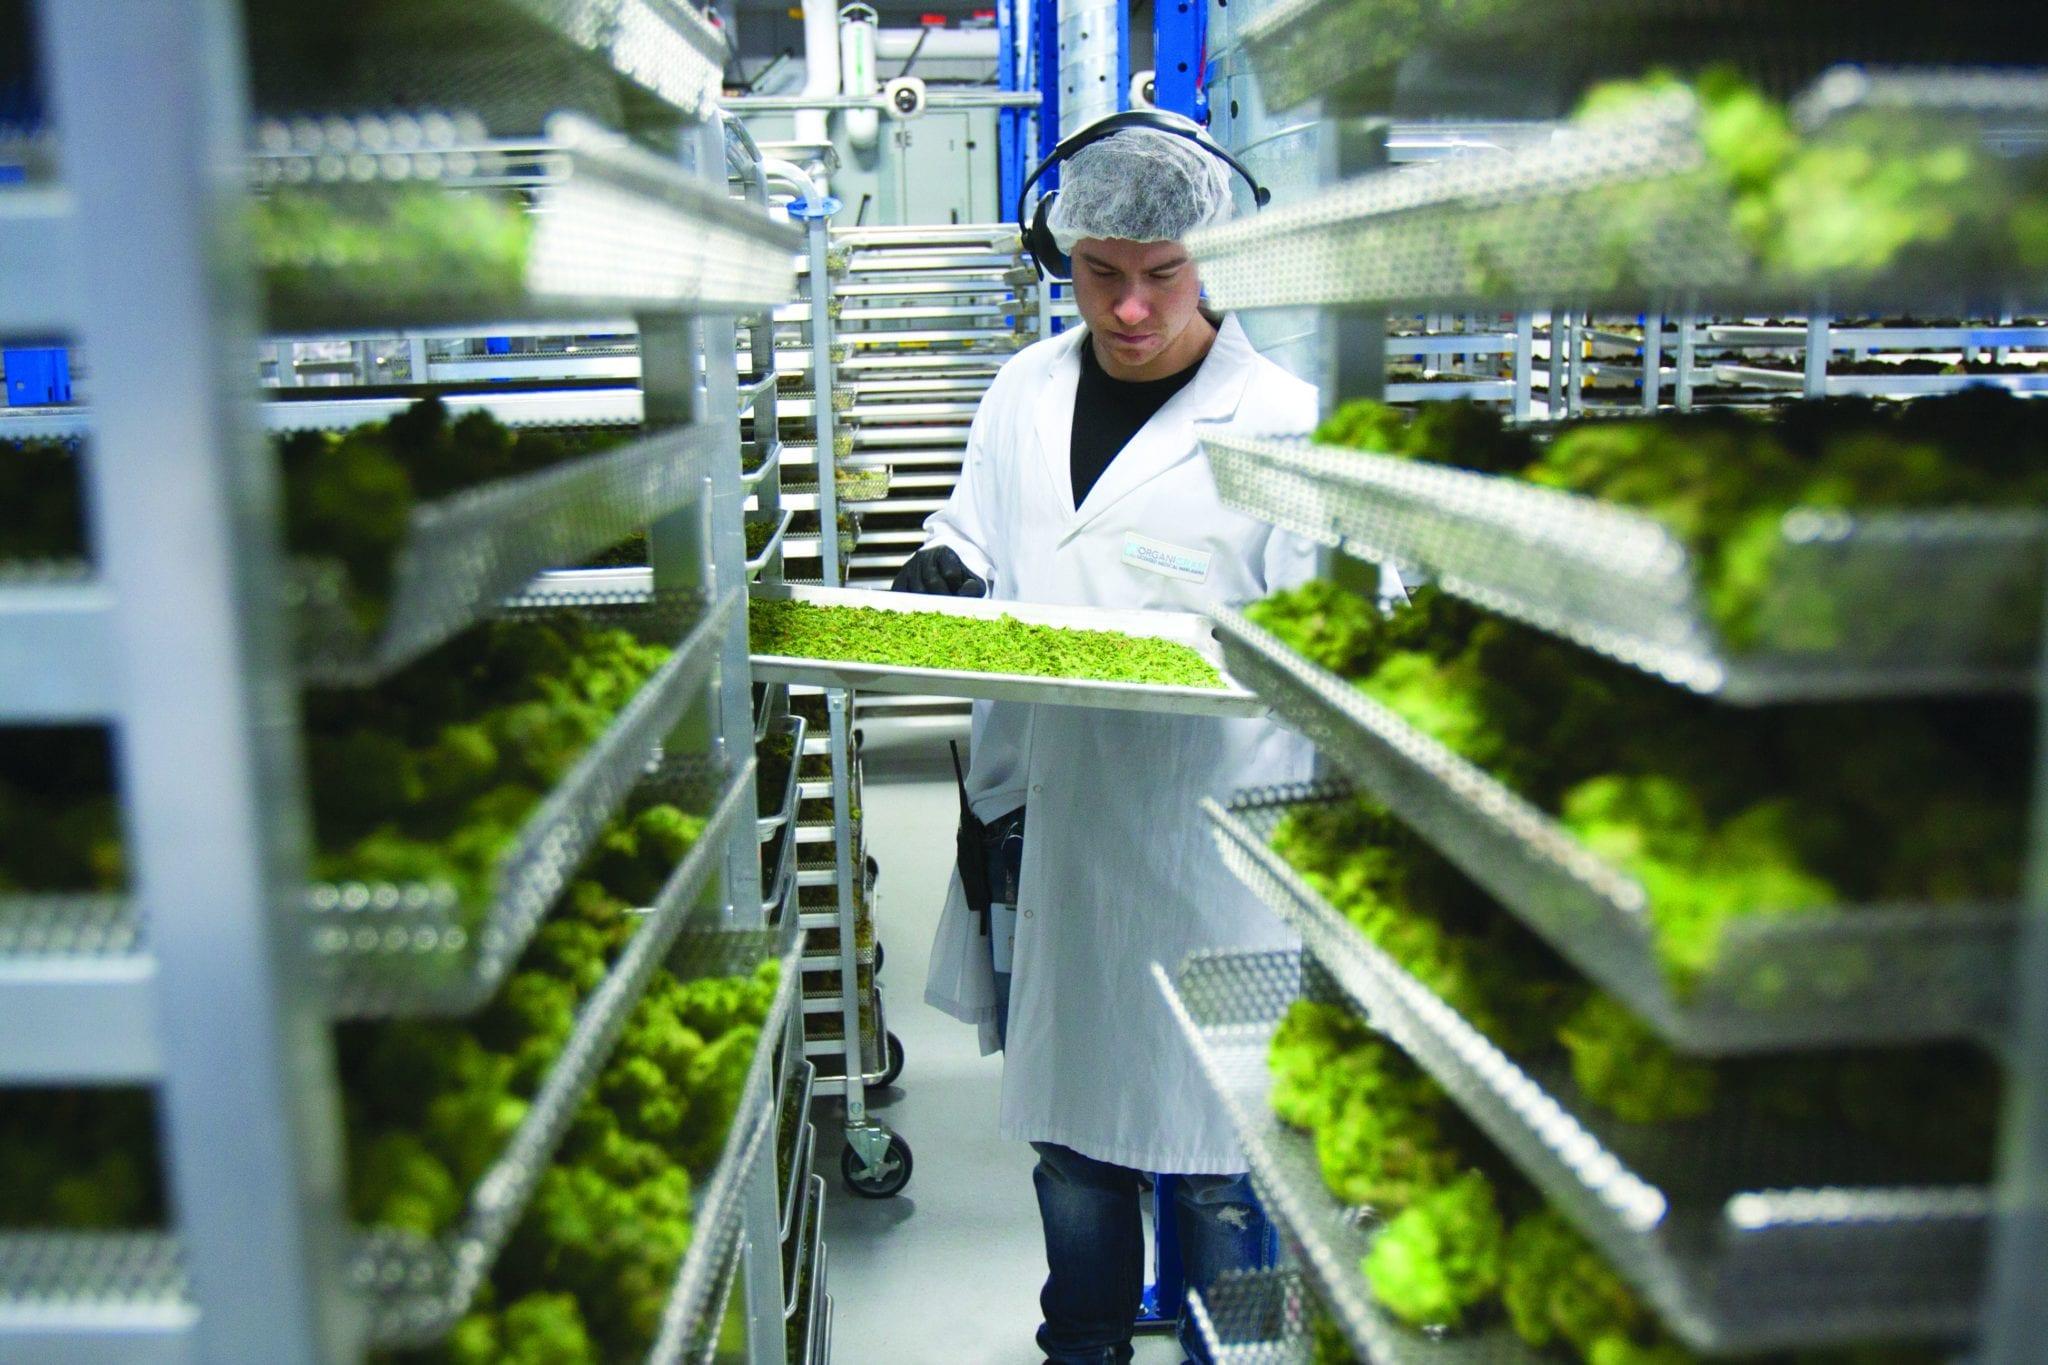 Organigram lays off 220 workers, warns of declining weed sales